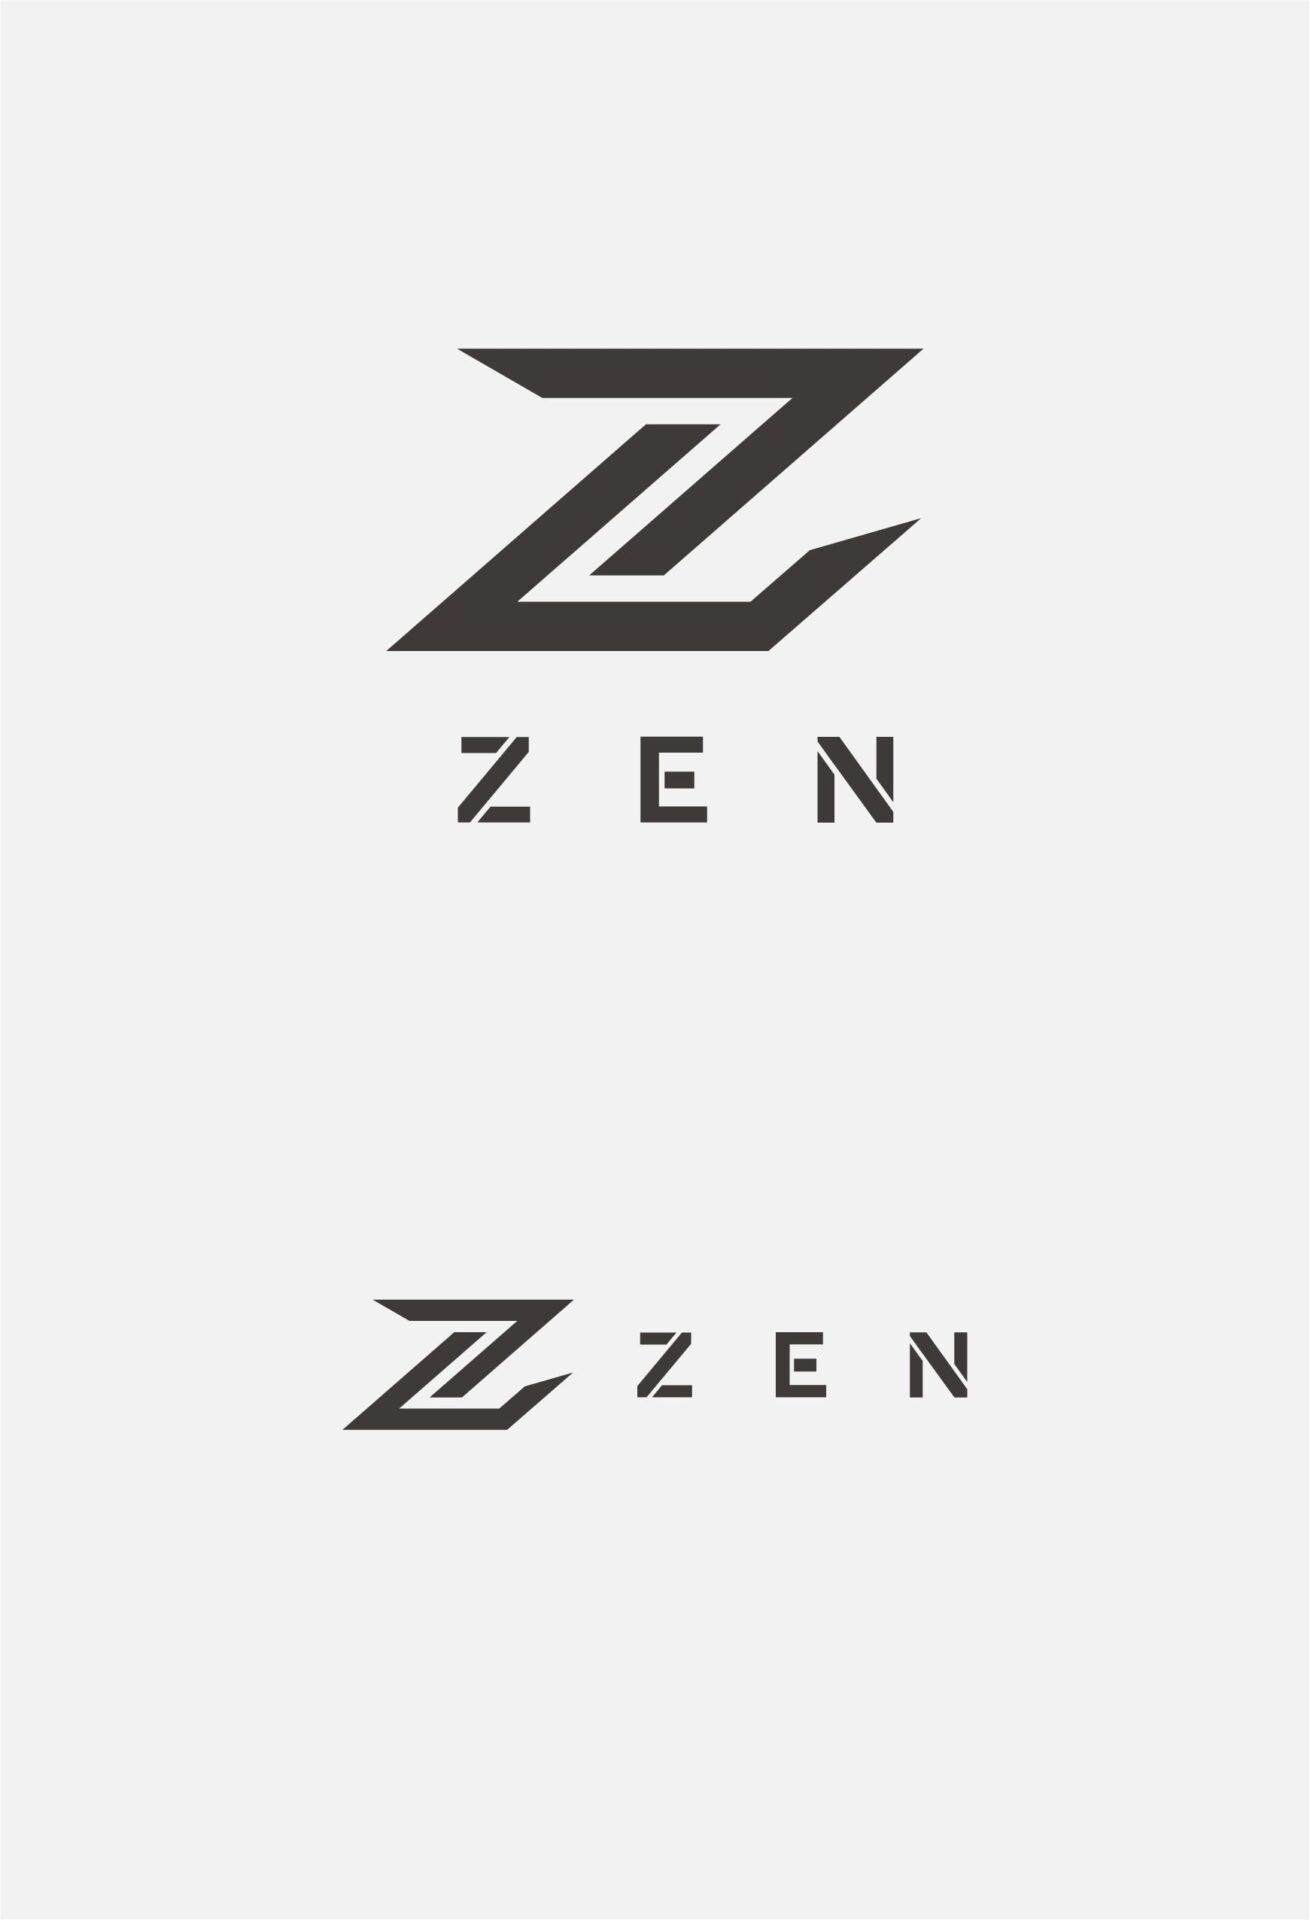 「ZEN」の実績画像